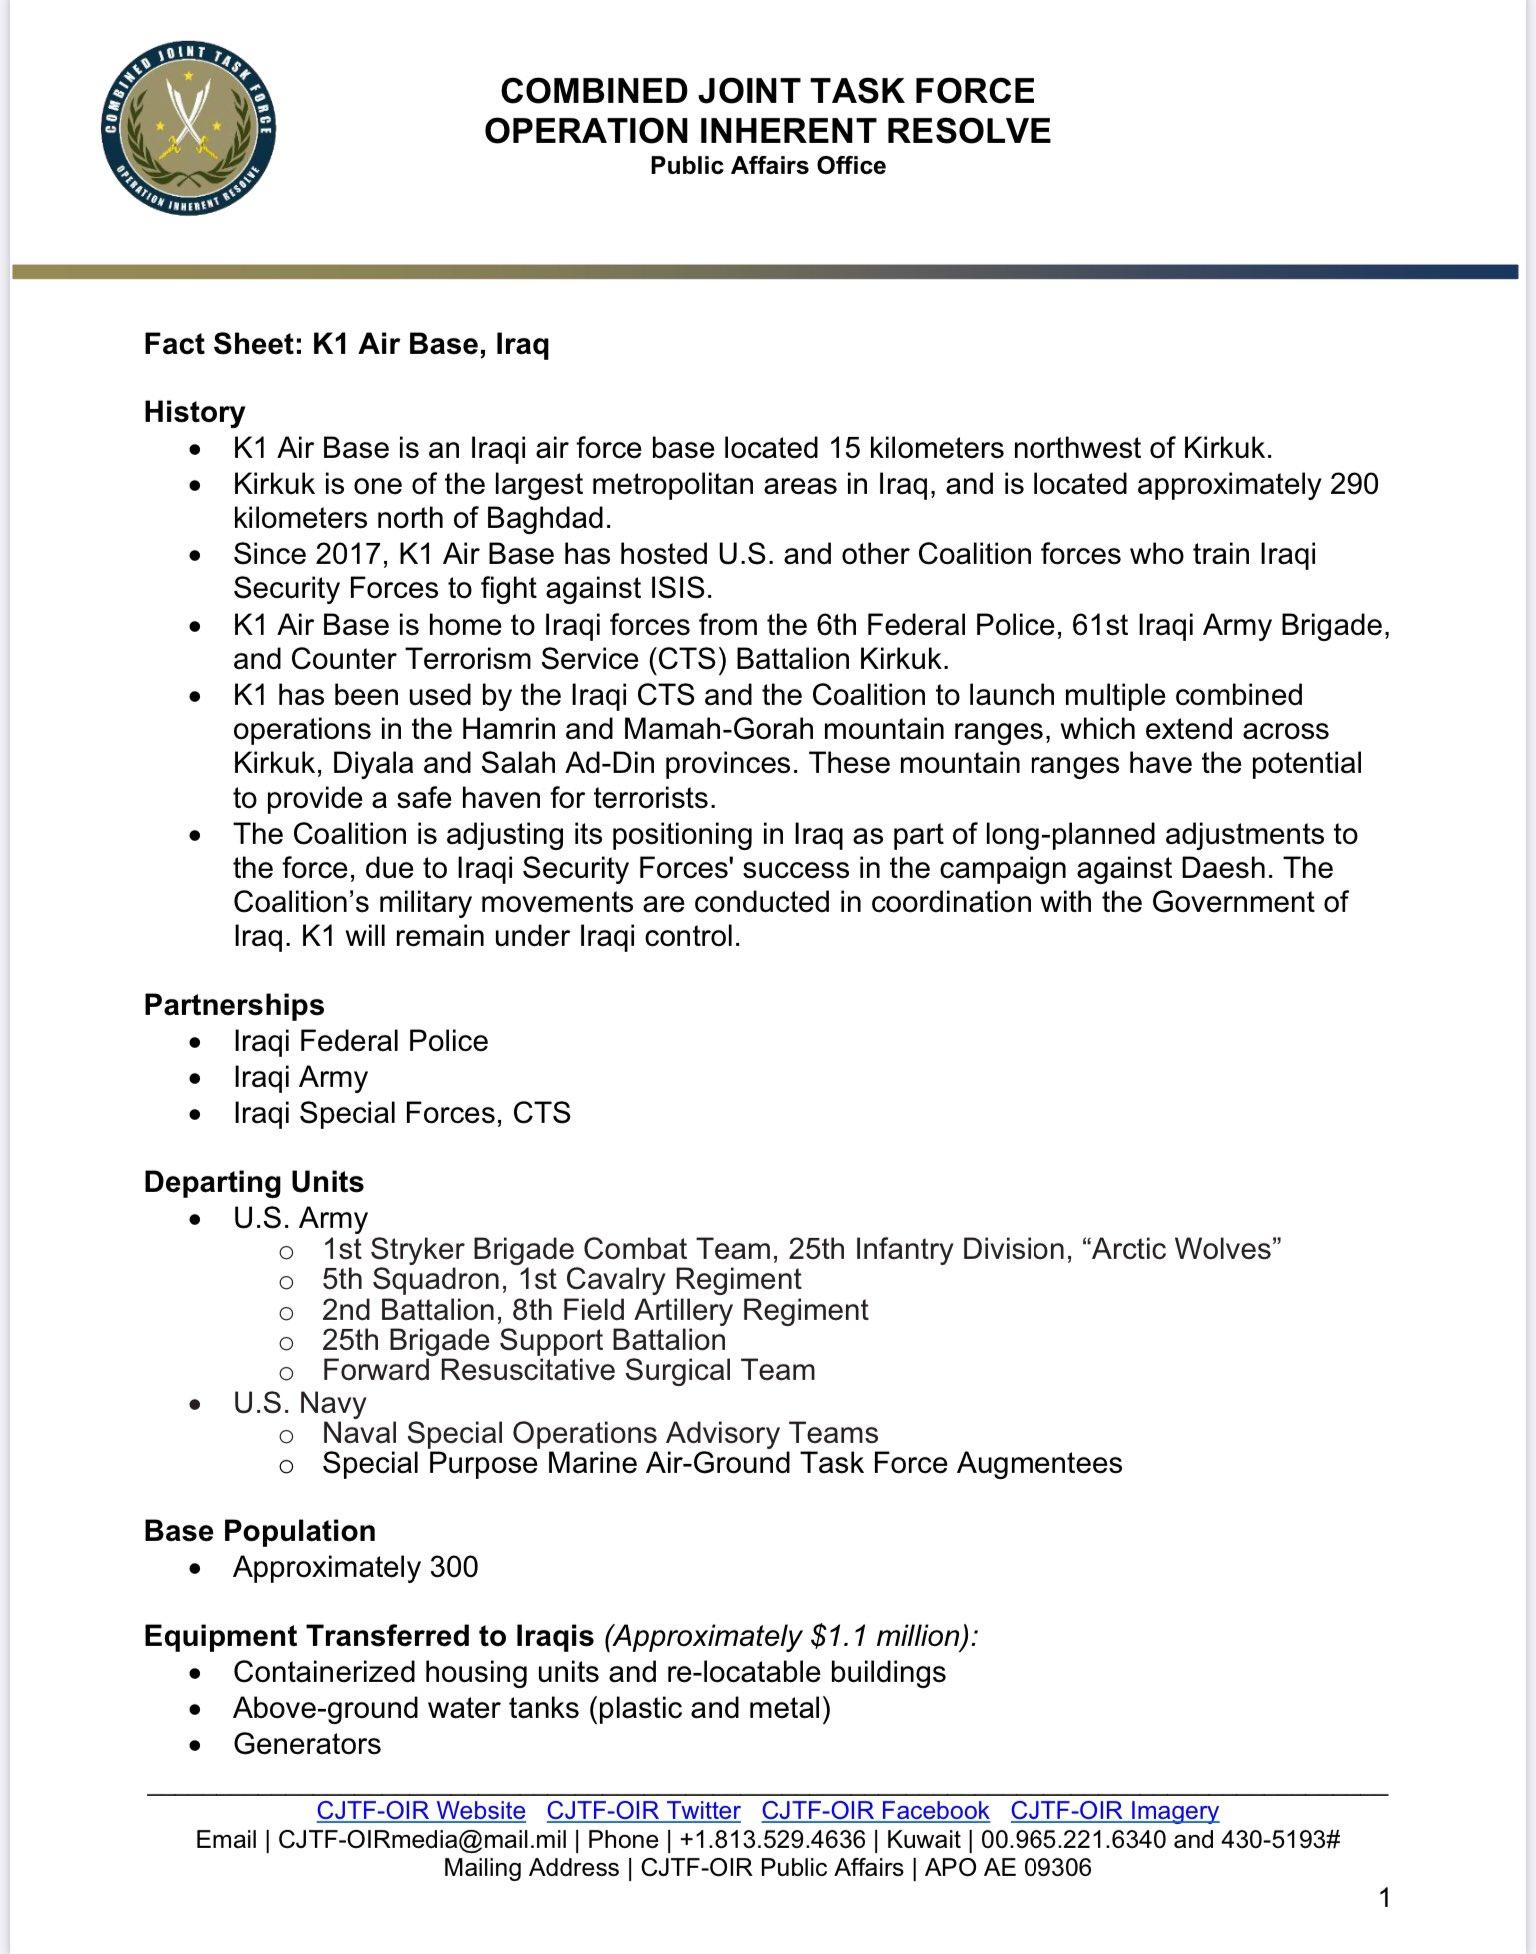 ترامب: على بغداد أن تدفع إذا سحبنا قواتنا من العراق - صفحة 2 EUREKfaXQAAqEJx?format=jpg&name=large